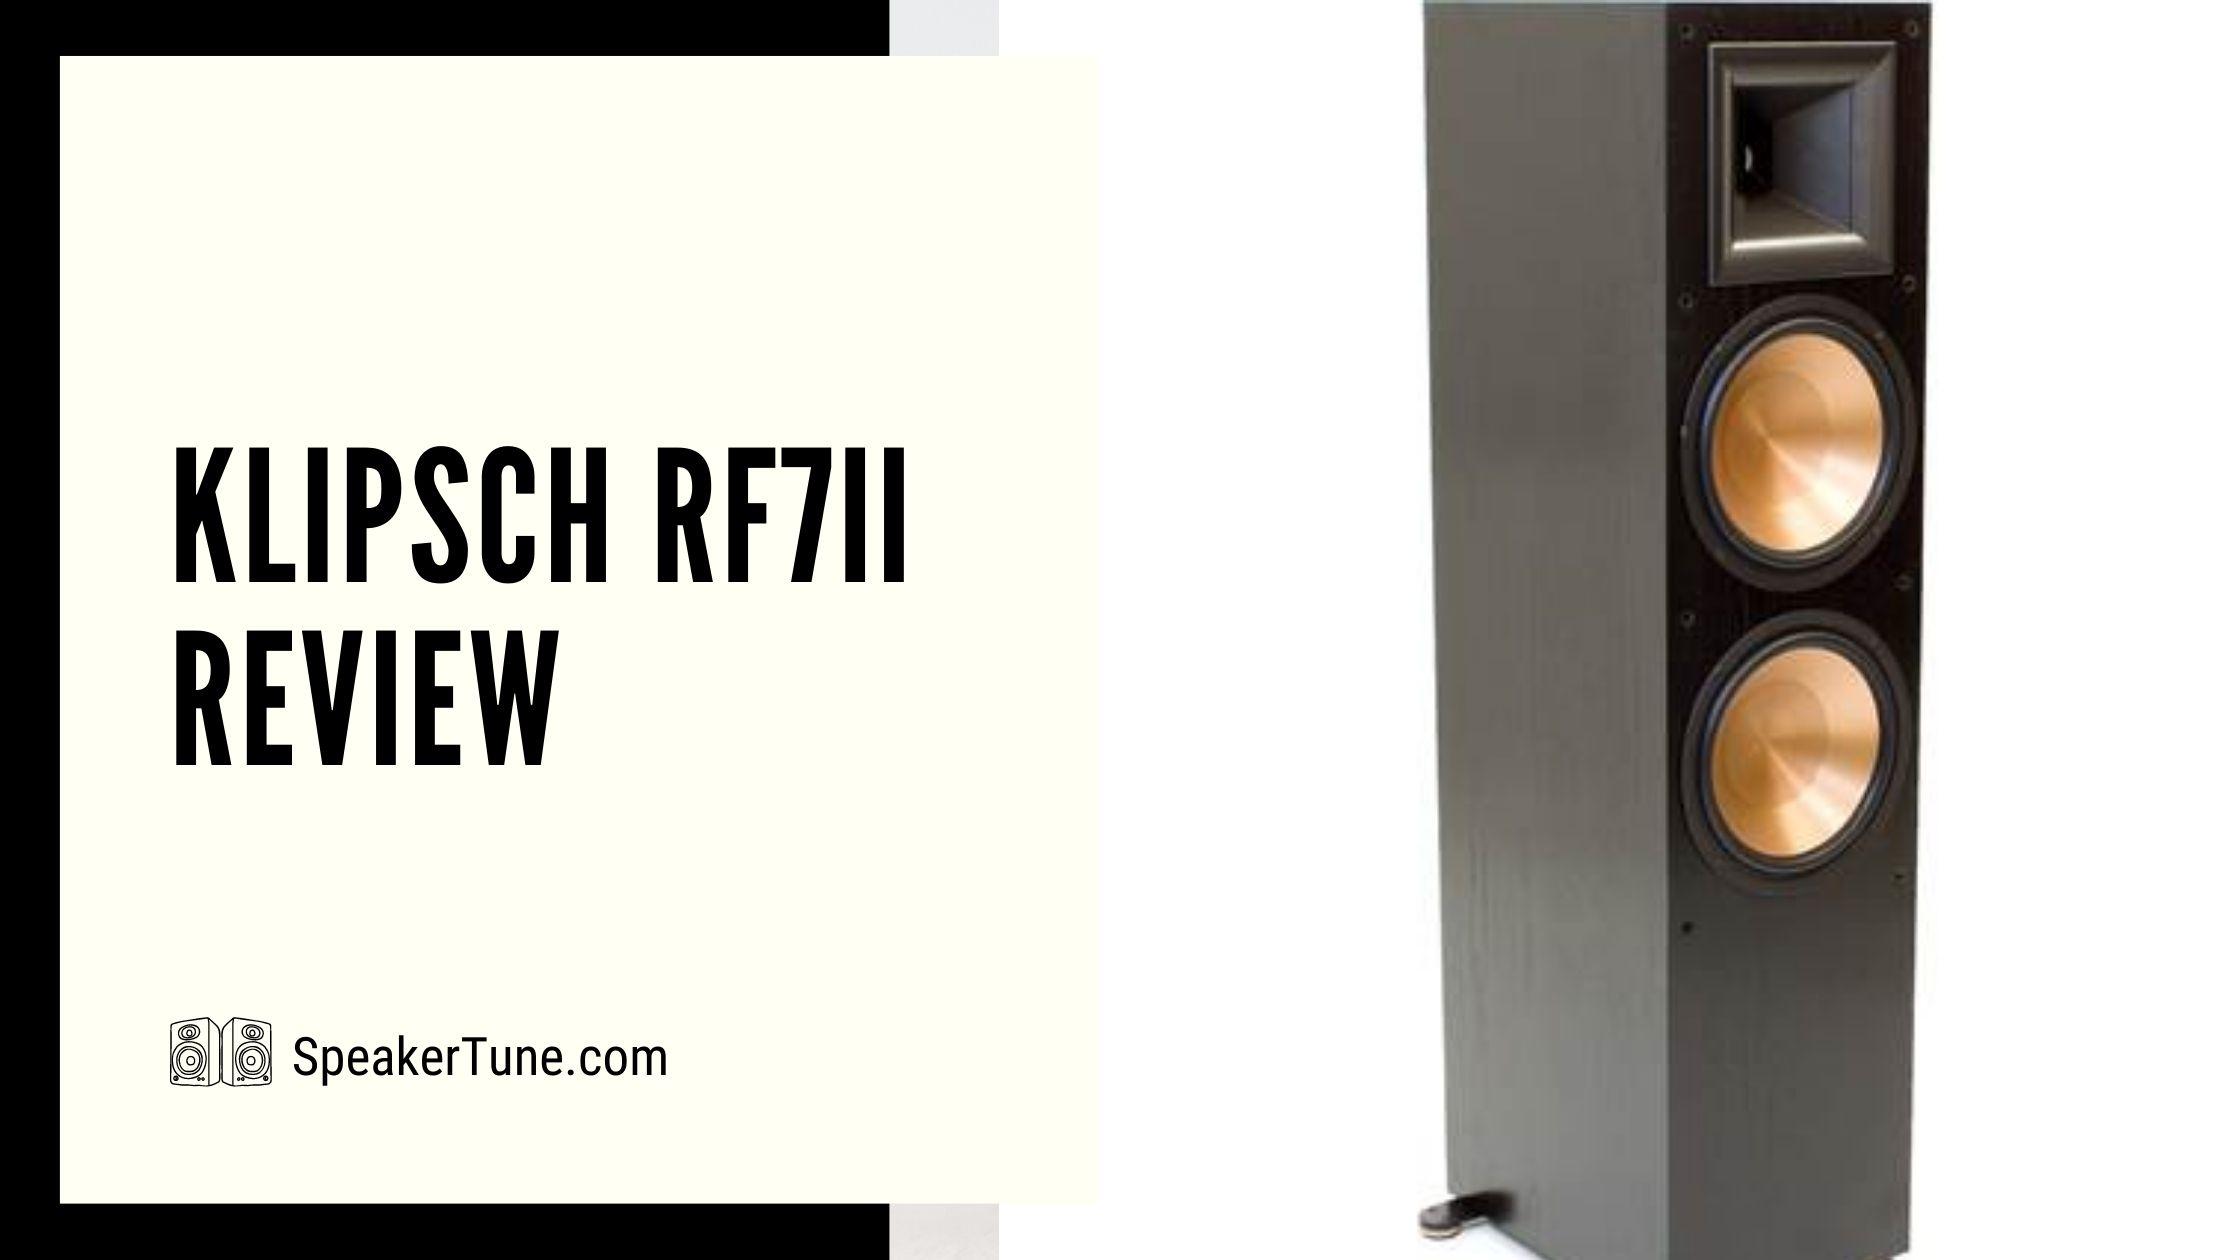 klipsch rf7ii review